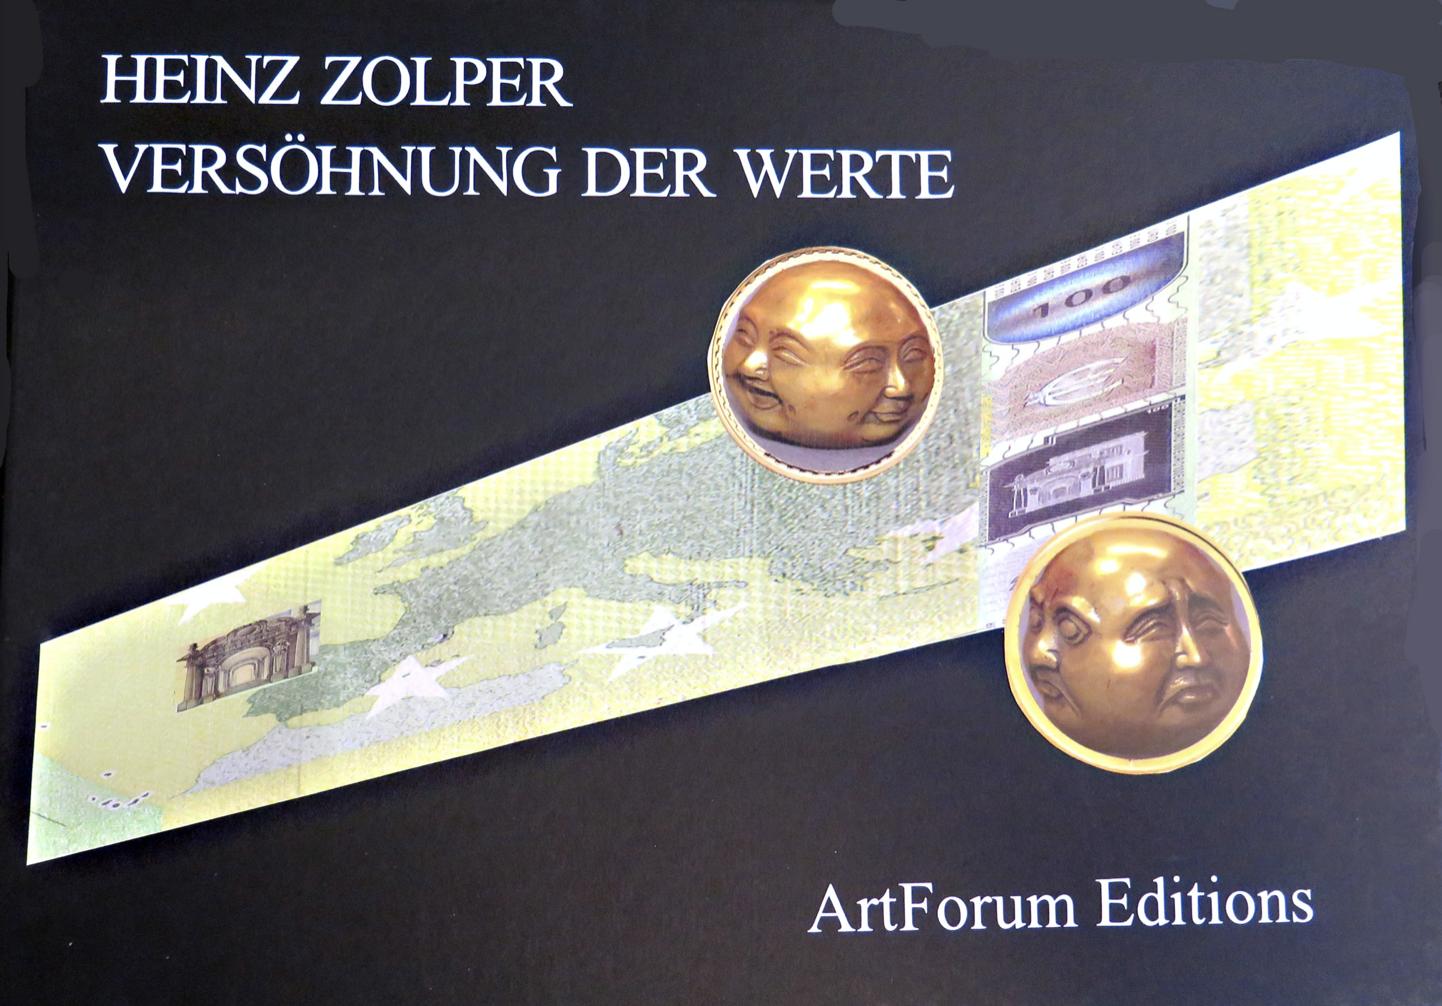 Zolper - Vesöhnung der Werte. Artforum Editions